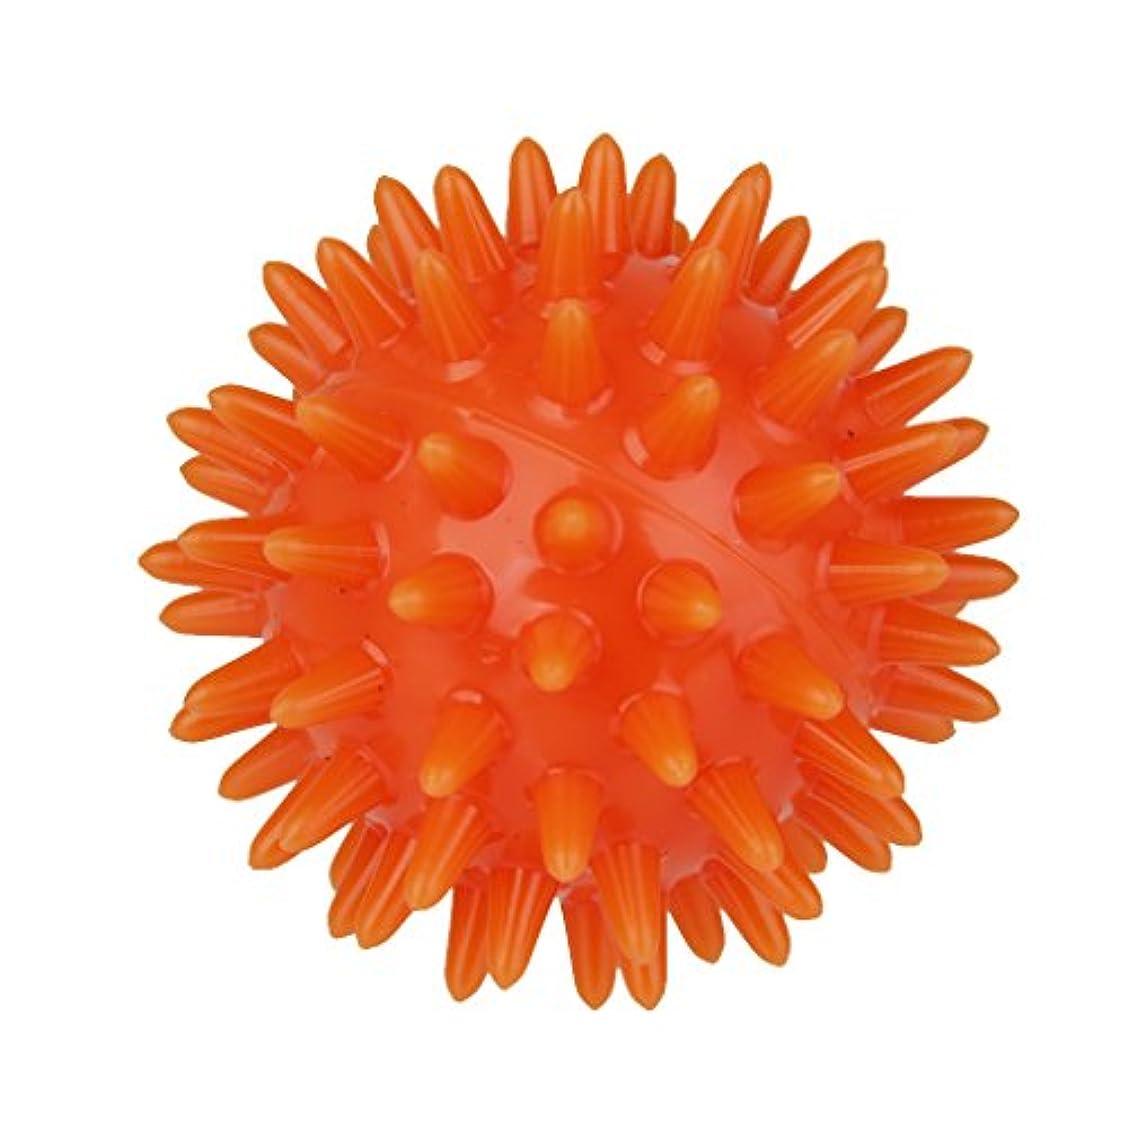 遡る人工近似SONONIA マッサージボール  手のひら 足 腕 首 背中 足首 ダーク フック側 オレンジ 5.5cm